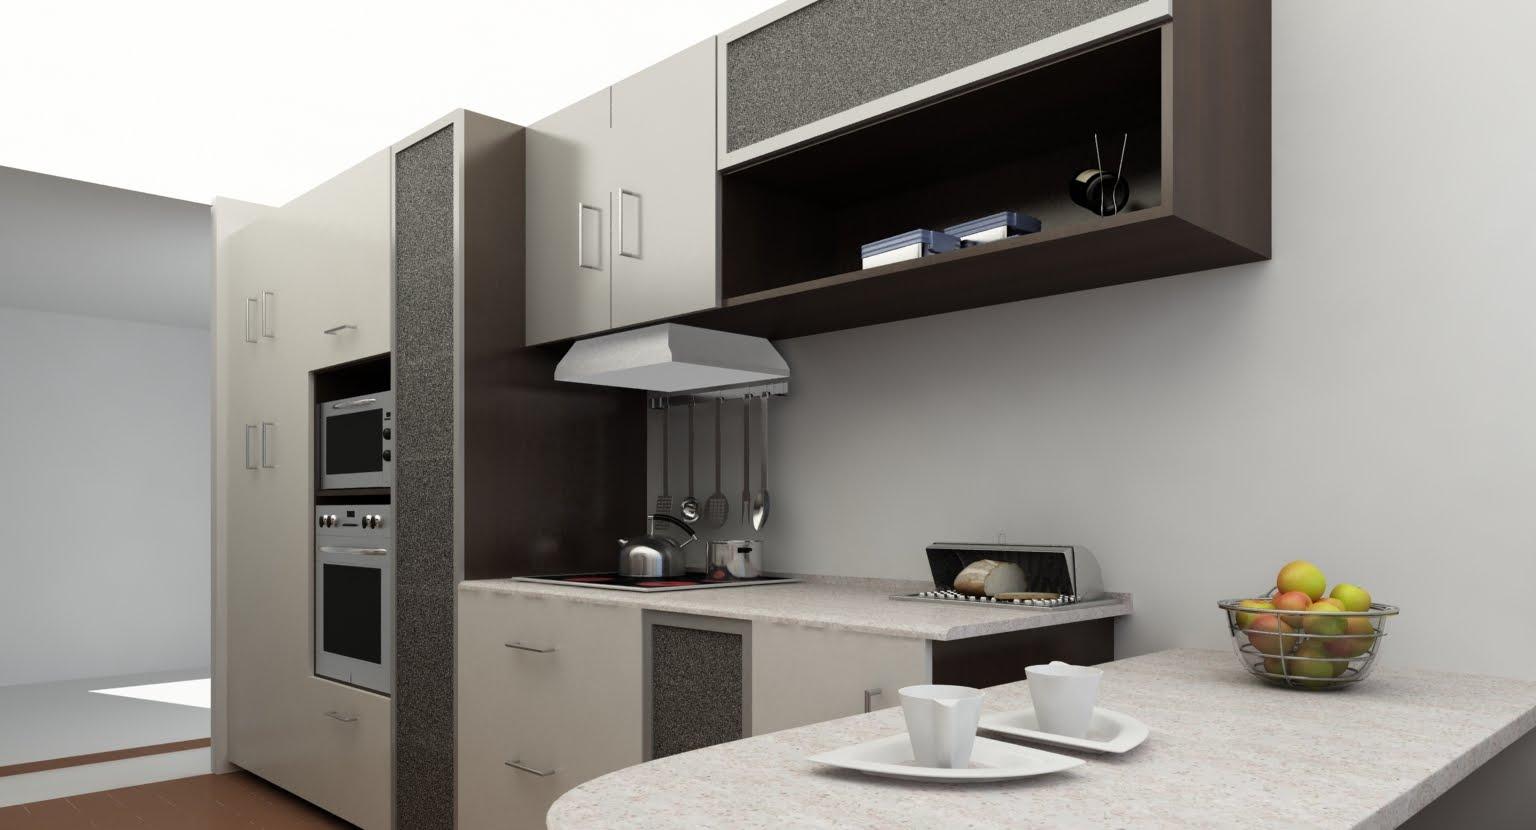 Conceptoaro dise o fabricacion de muebles propuesta de for Muebles de cocina departamento